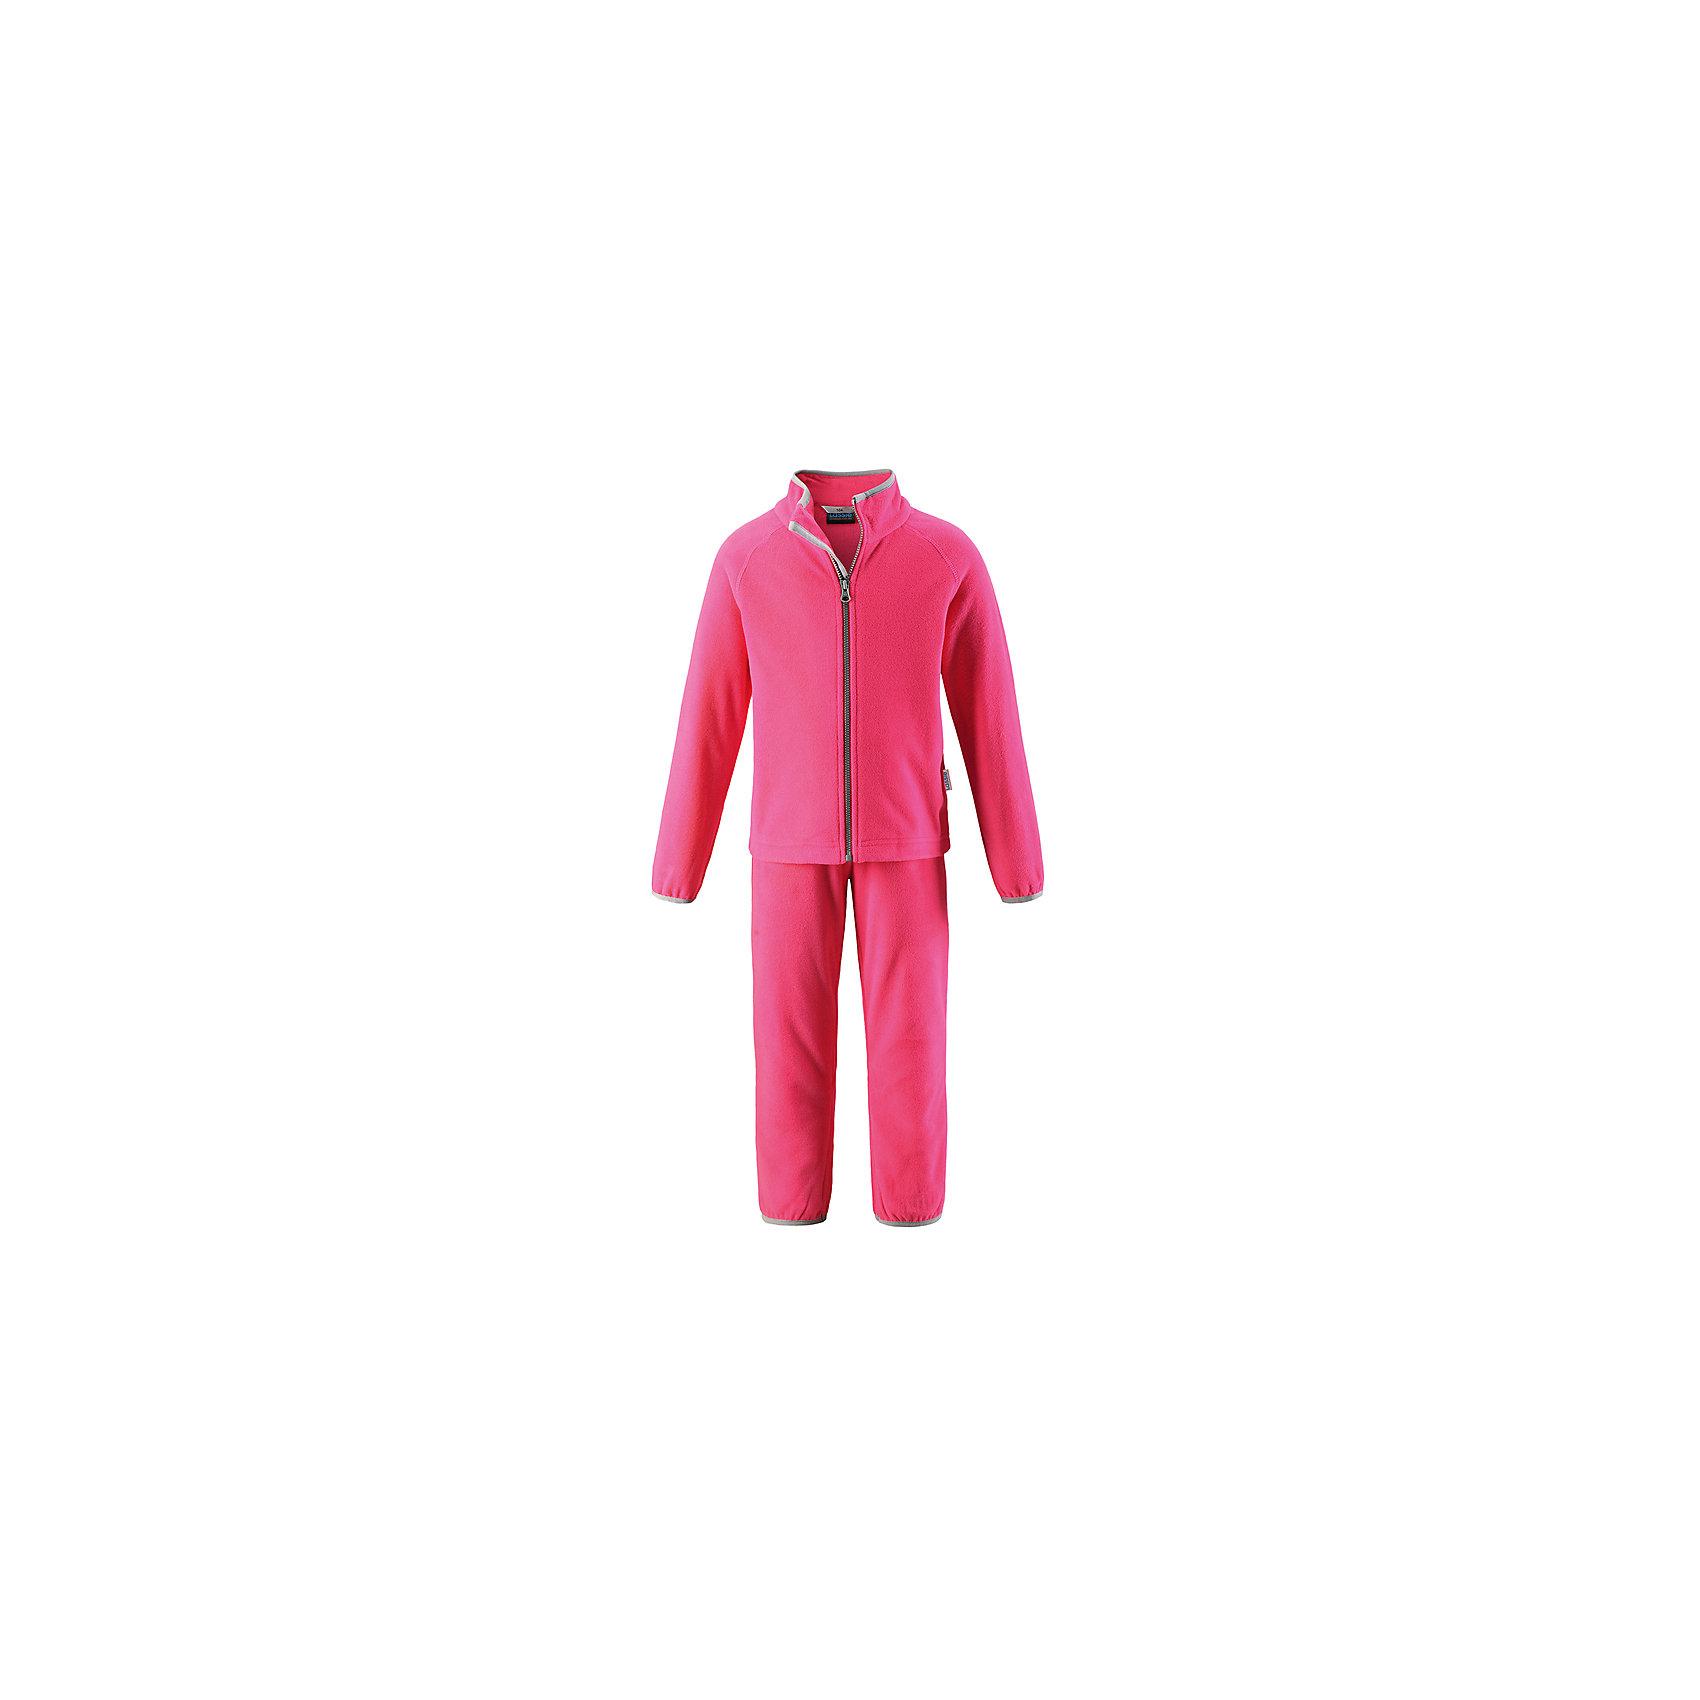 Комплект LASSIEОдежда<br>Характеристики товара:<br><br>• цвет: розовый<br>• состав: 100% полиэстер<br>• комплектация: кофта, штаны<br>• мягкий флис<br>• «дышащий» теплый и быстросохнущий материал<br>• эластичный воротник<br>• манжеты на рукавах и брючинах<br>• молния по всей длине с защитой подбородка<br>• эластичная талия<br>• комфортная посадка<br>• страна производства: Китай<br>• страна бренда: Финляндия<br>• коллекция: весна-лето 2017<br><br>Флисовый комплект из кофты и штанов поможет обеспечить ребенку комфорт и тепло. Предметы отлично смотрятся с различной одеждой. Комплект удобно сидит и модно выглядит. Материал - теплый и мягкий. Продуманный крой разрабатывался специально для детей.<br><br>Обувь и одежда от финского бренда LASSIE пользуются популярностью во многих странах. Они стильные, качественные и удобные. Для производства продукции используются только безопасные, проверенные материалы и фурнитура. Порадуйте ребенка модными и красивыми вещами от Lassie®! <br><br>Комплект от финского бренда LASSIE можно купить в нашем интернет-магазине.<br><br>Ширина мм: 190<br>Глубина мм: 74<br>Высота мм: 229<br>Вес г: 236<br>Цвет: розовый<br>Возраст от месяцев: 108<br>Возраст до месяцев: 120<br>Пол: Женский<br>Возраст: Детский<br>Размер: 128,98,104,116,122,134,140,110,92<br>SKU: 5264295